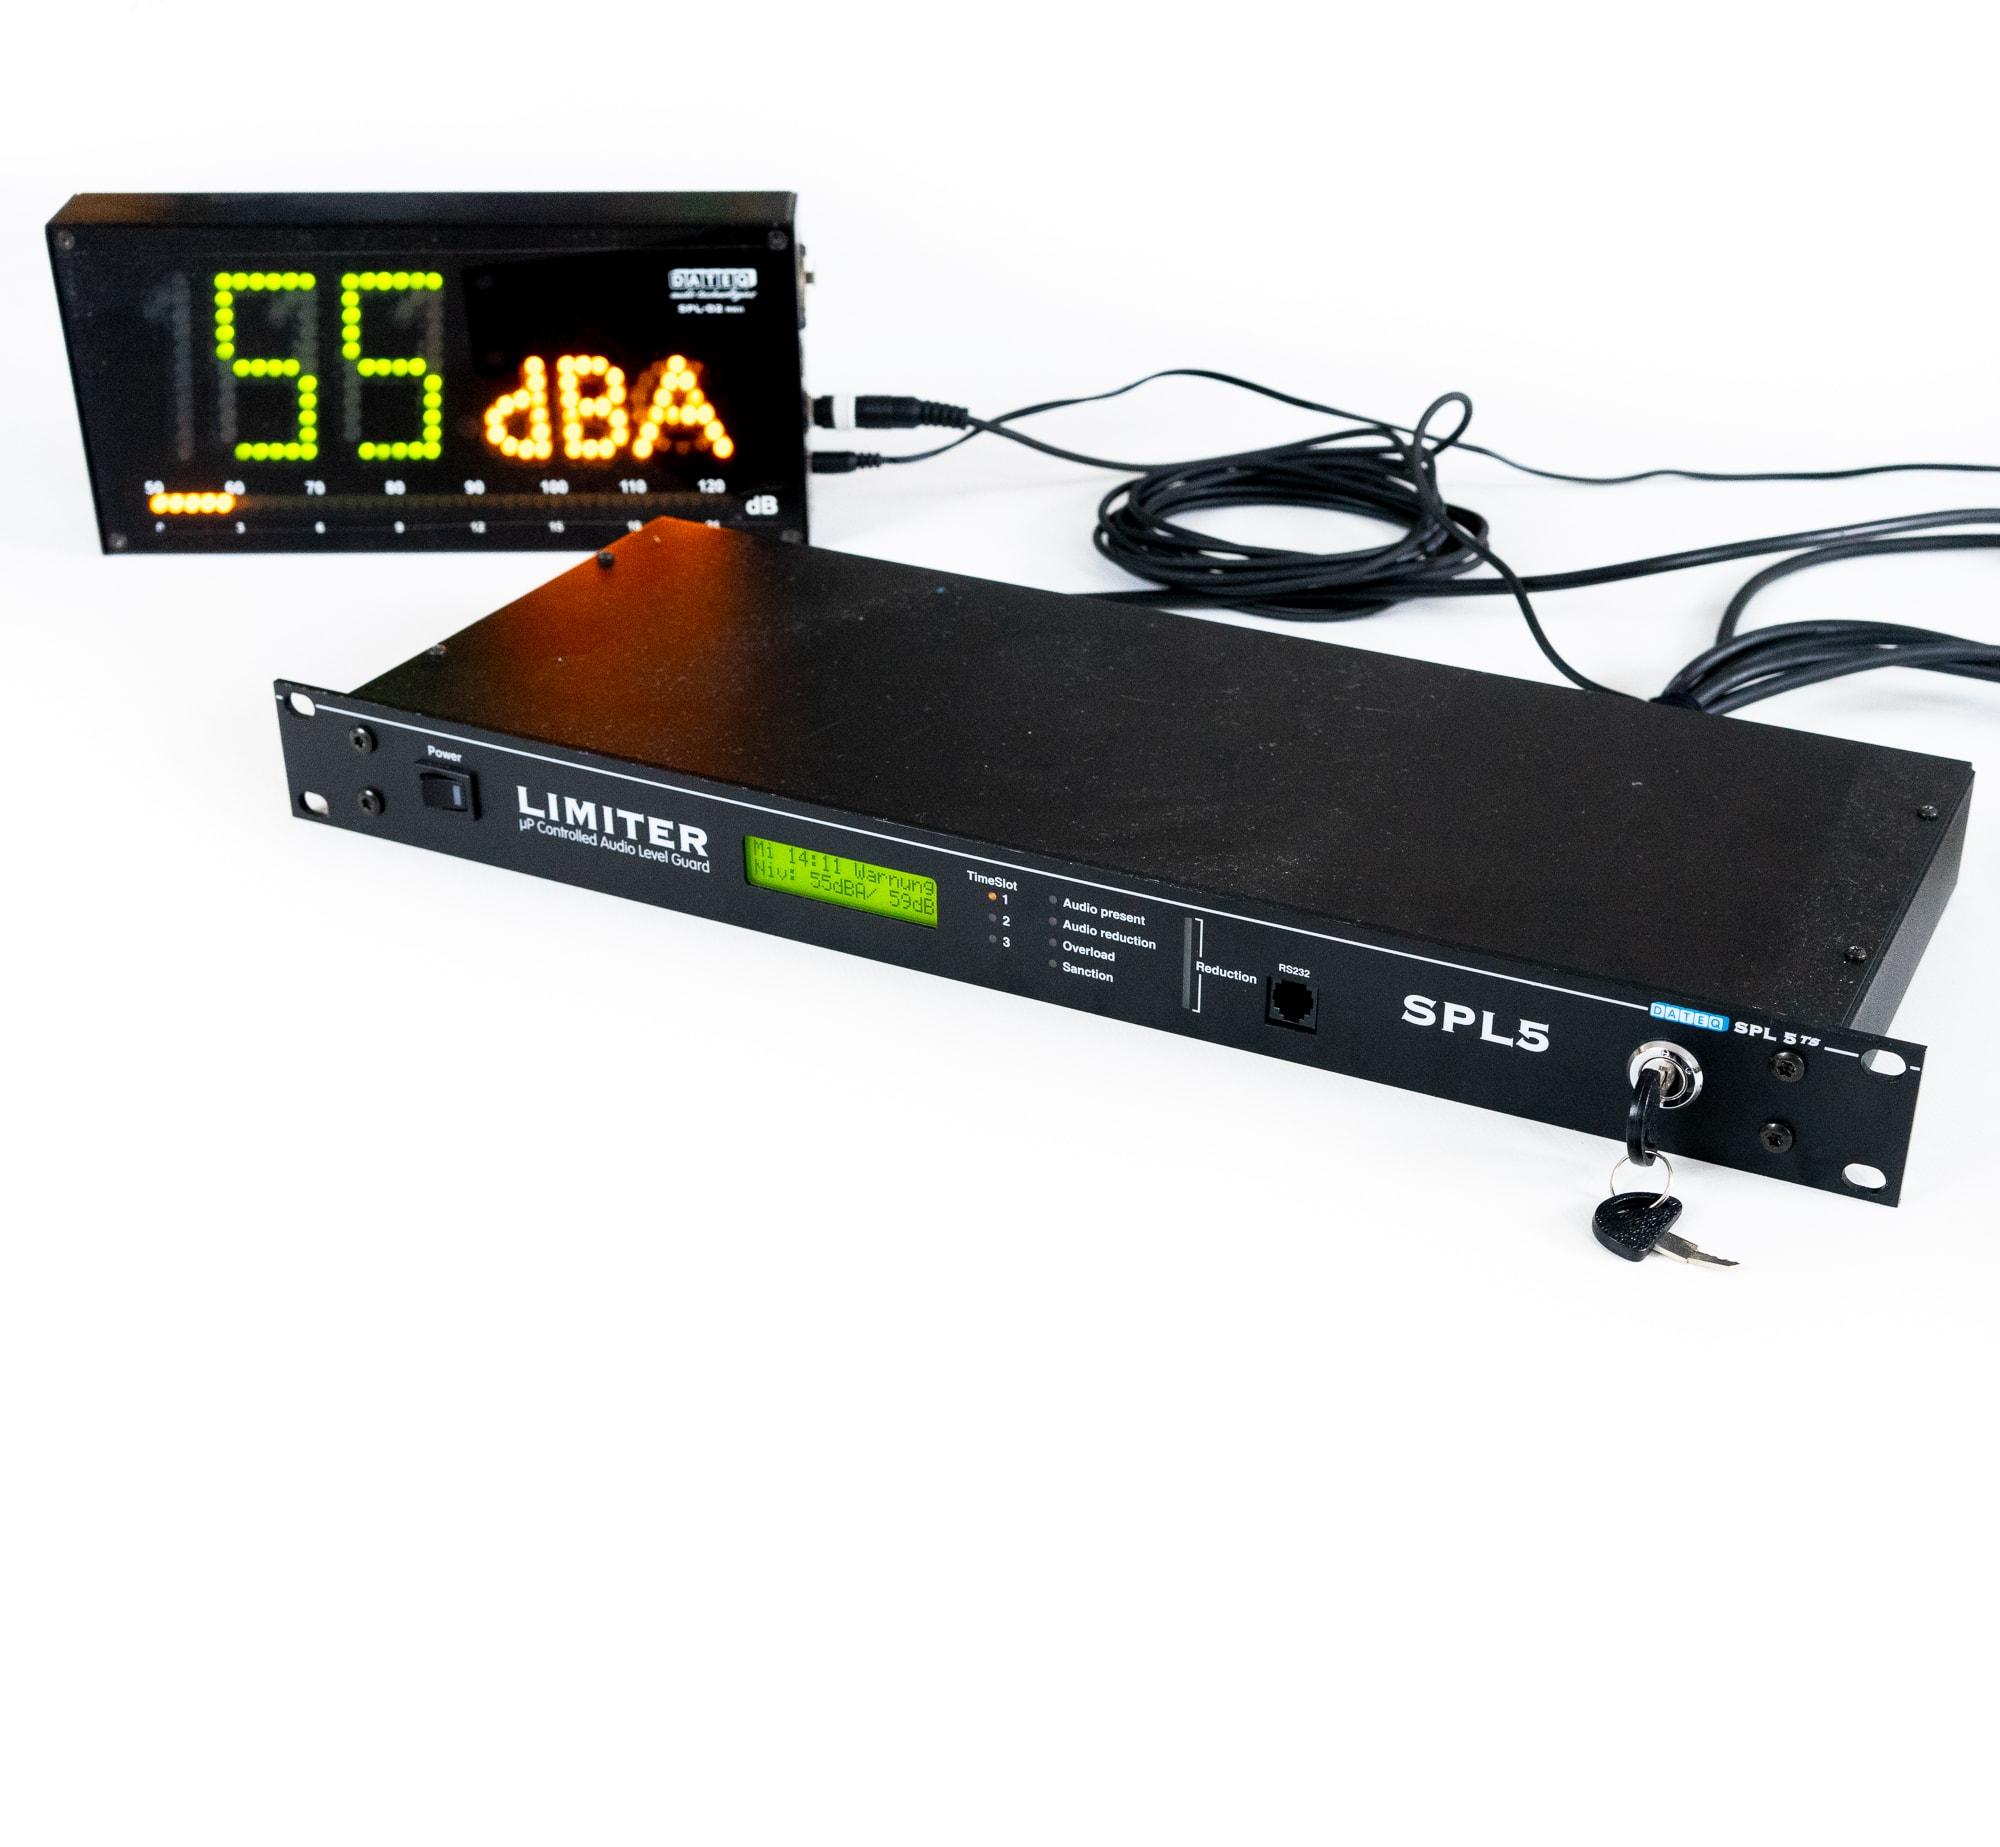 gebraucht kaufen Dateq SPL5 + SPL D2 MK2 MKII + DCM5